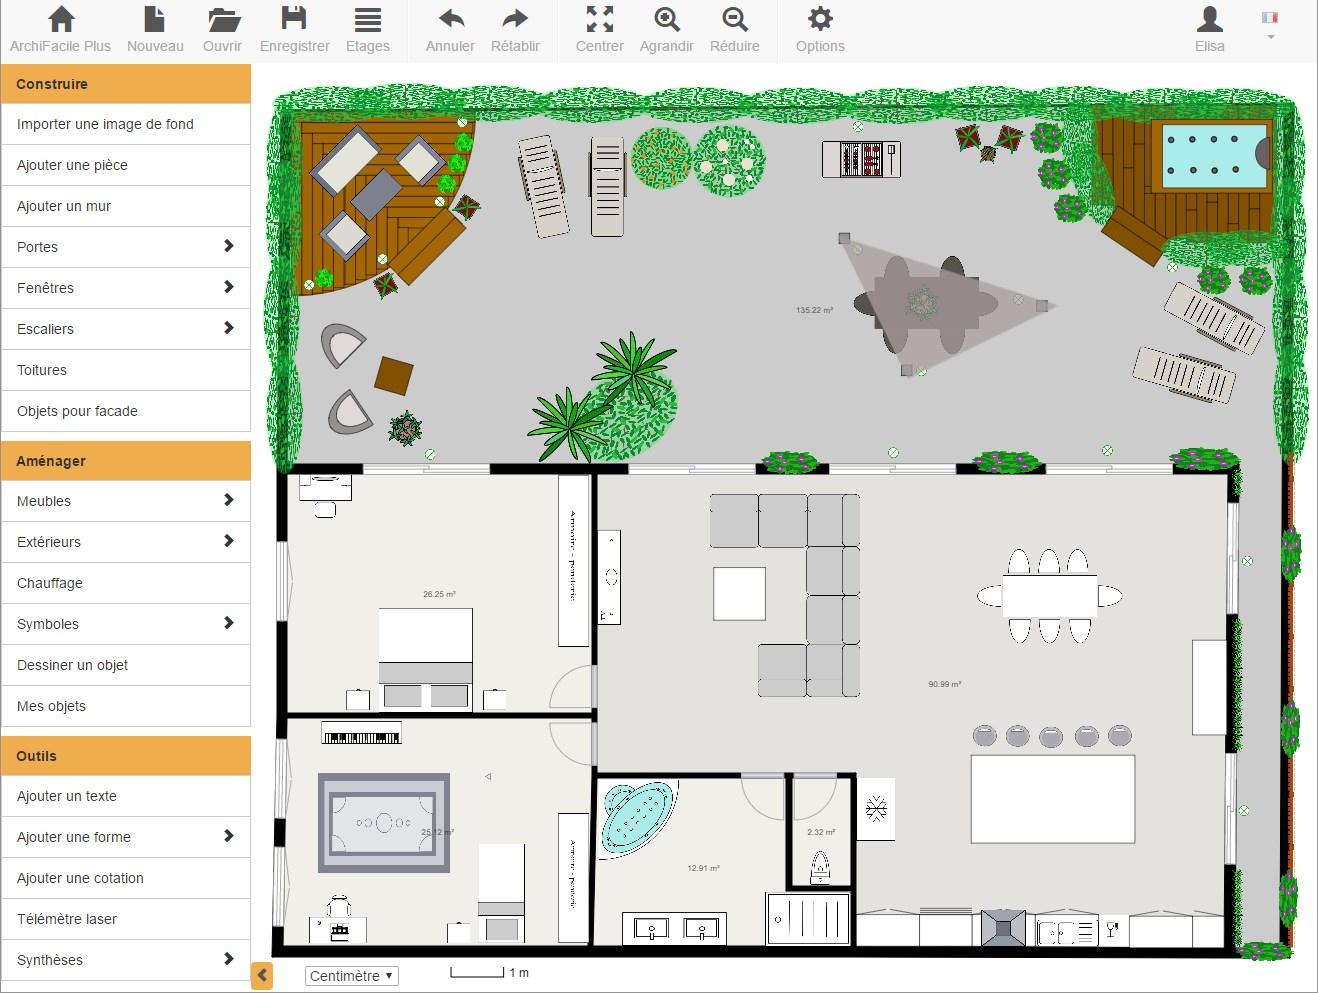 Plan Maison Gratuit - Avec Archifacile Dessinez Vos Plans De ... intérieur Logiciel Plan Jardin Gratuit